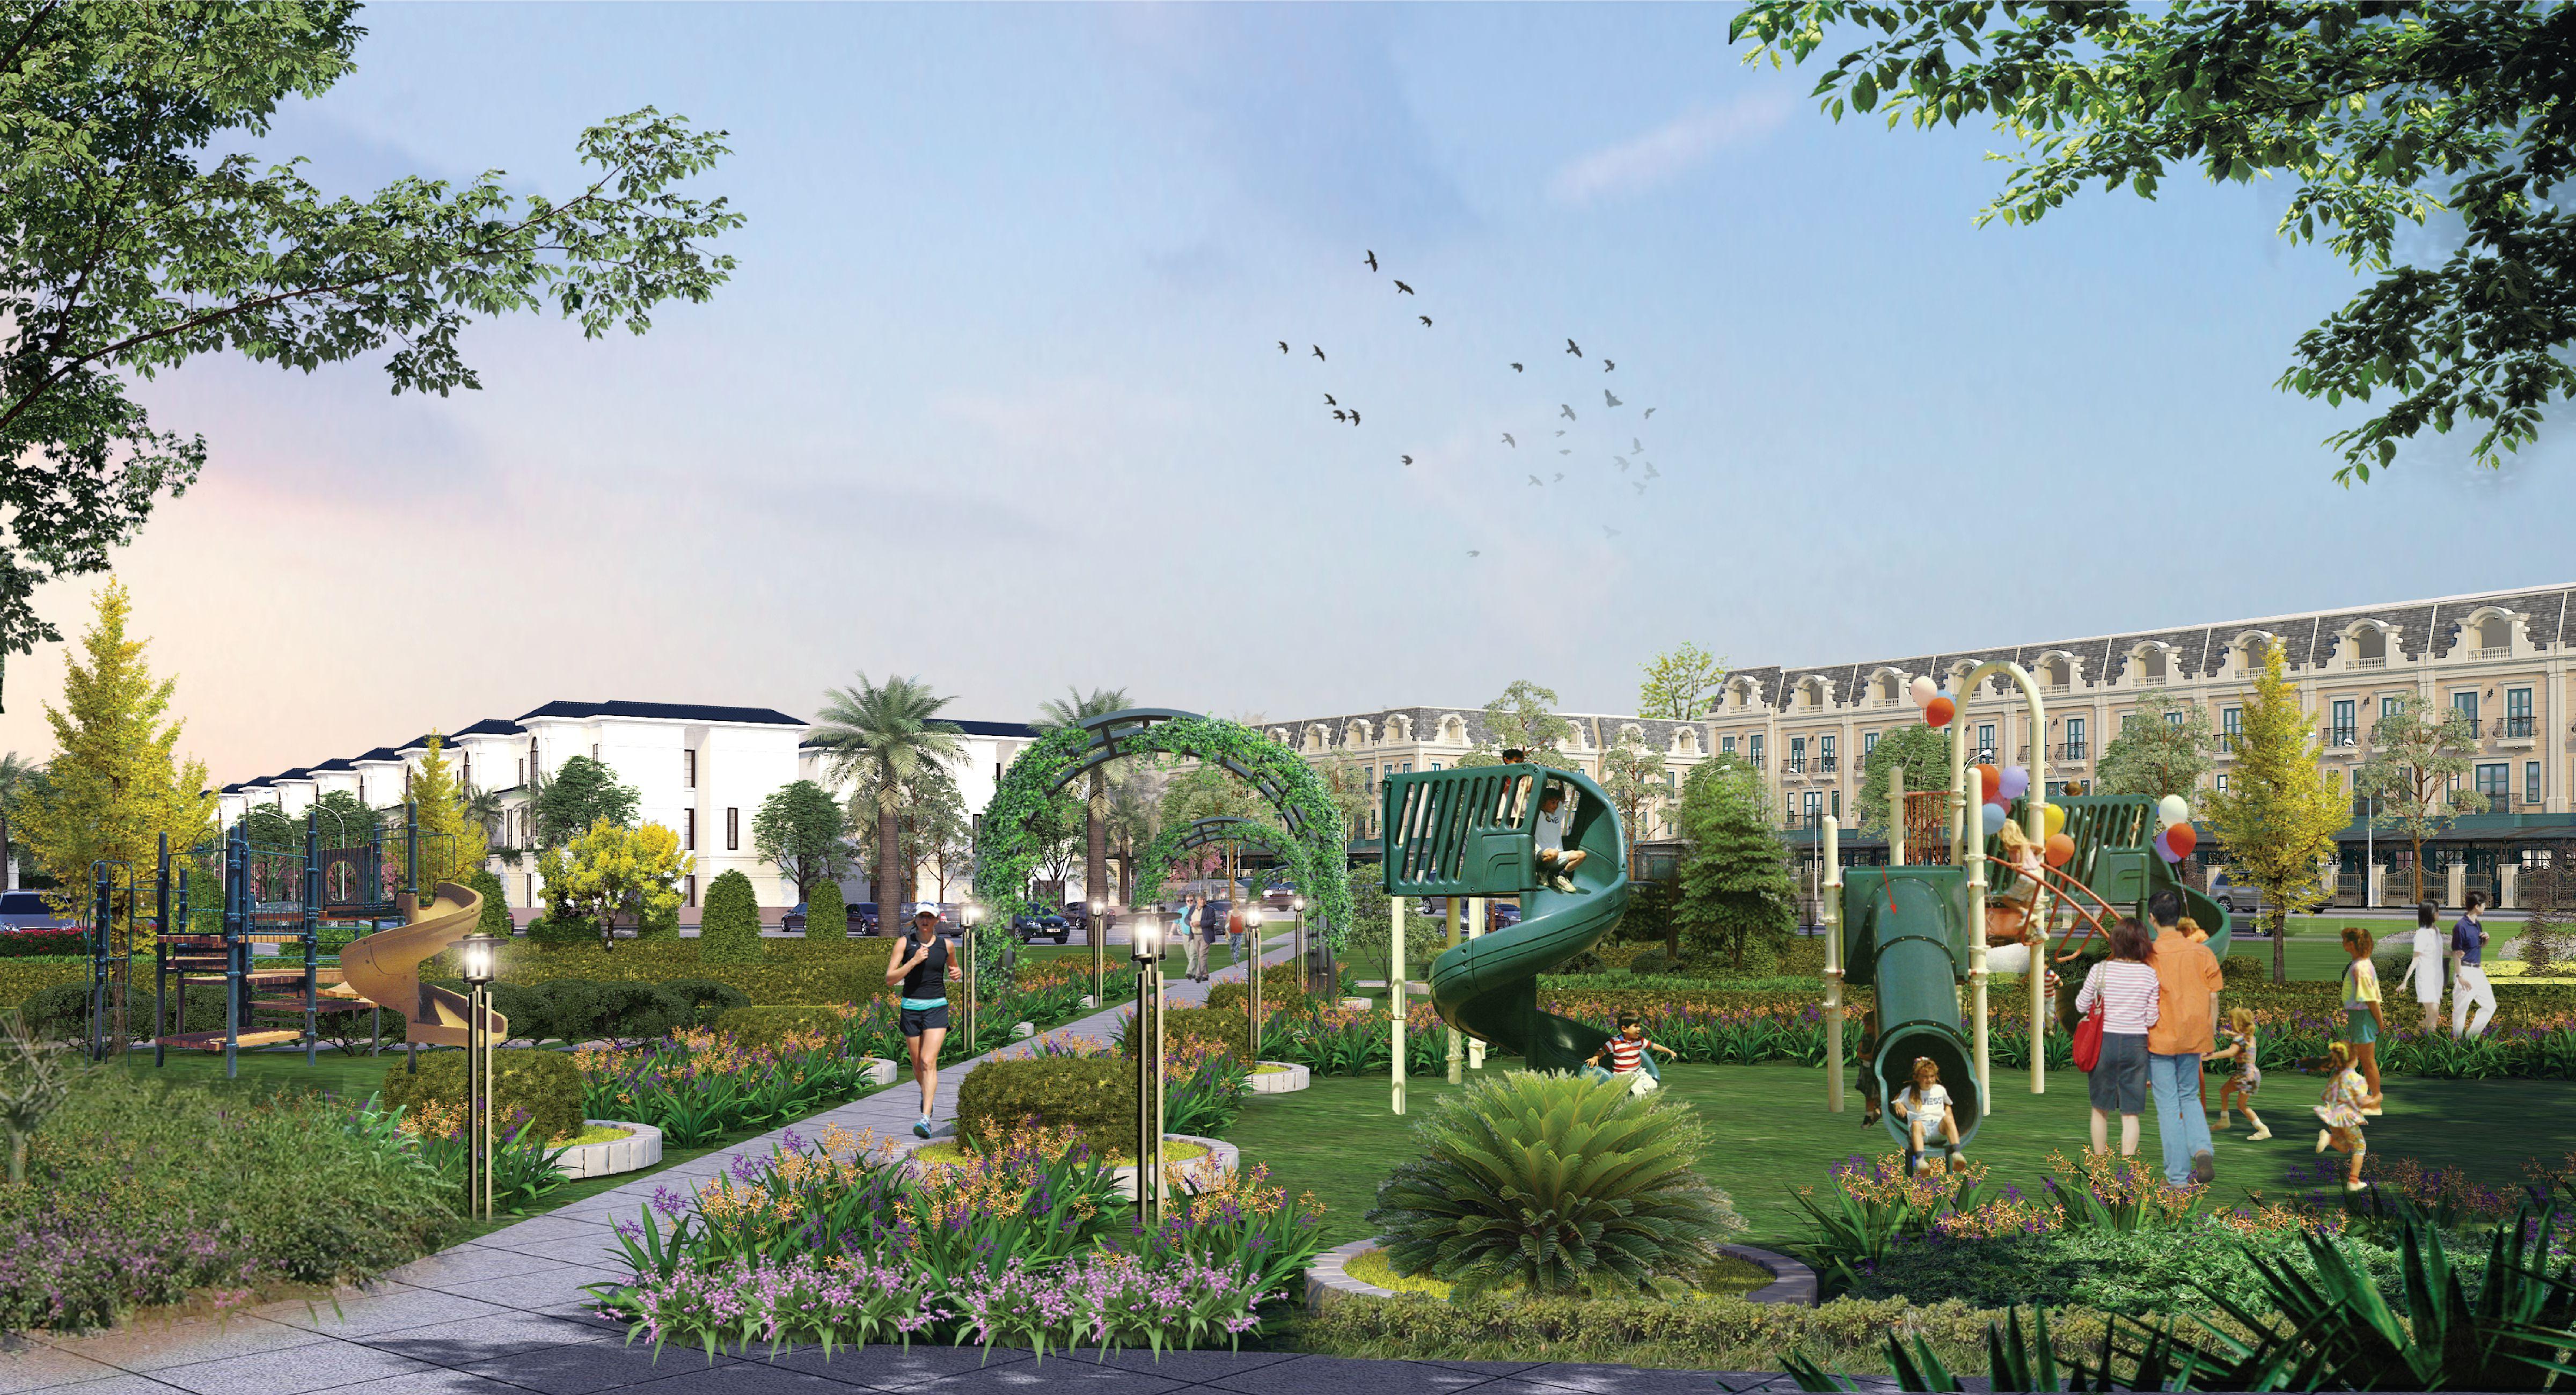 Phối cảnh khu công viên vui chơi dành cho trẻ em tại Uông Bí New City